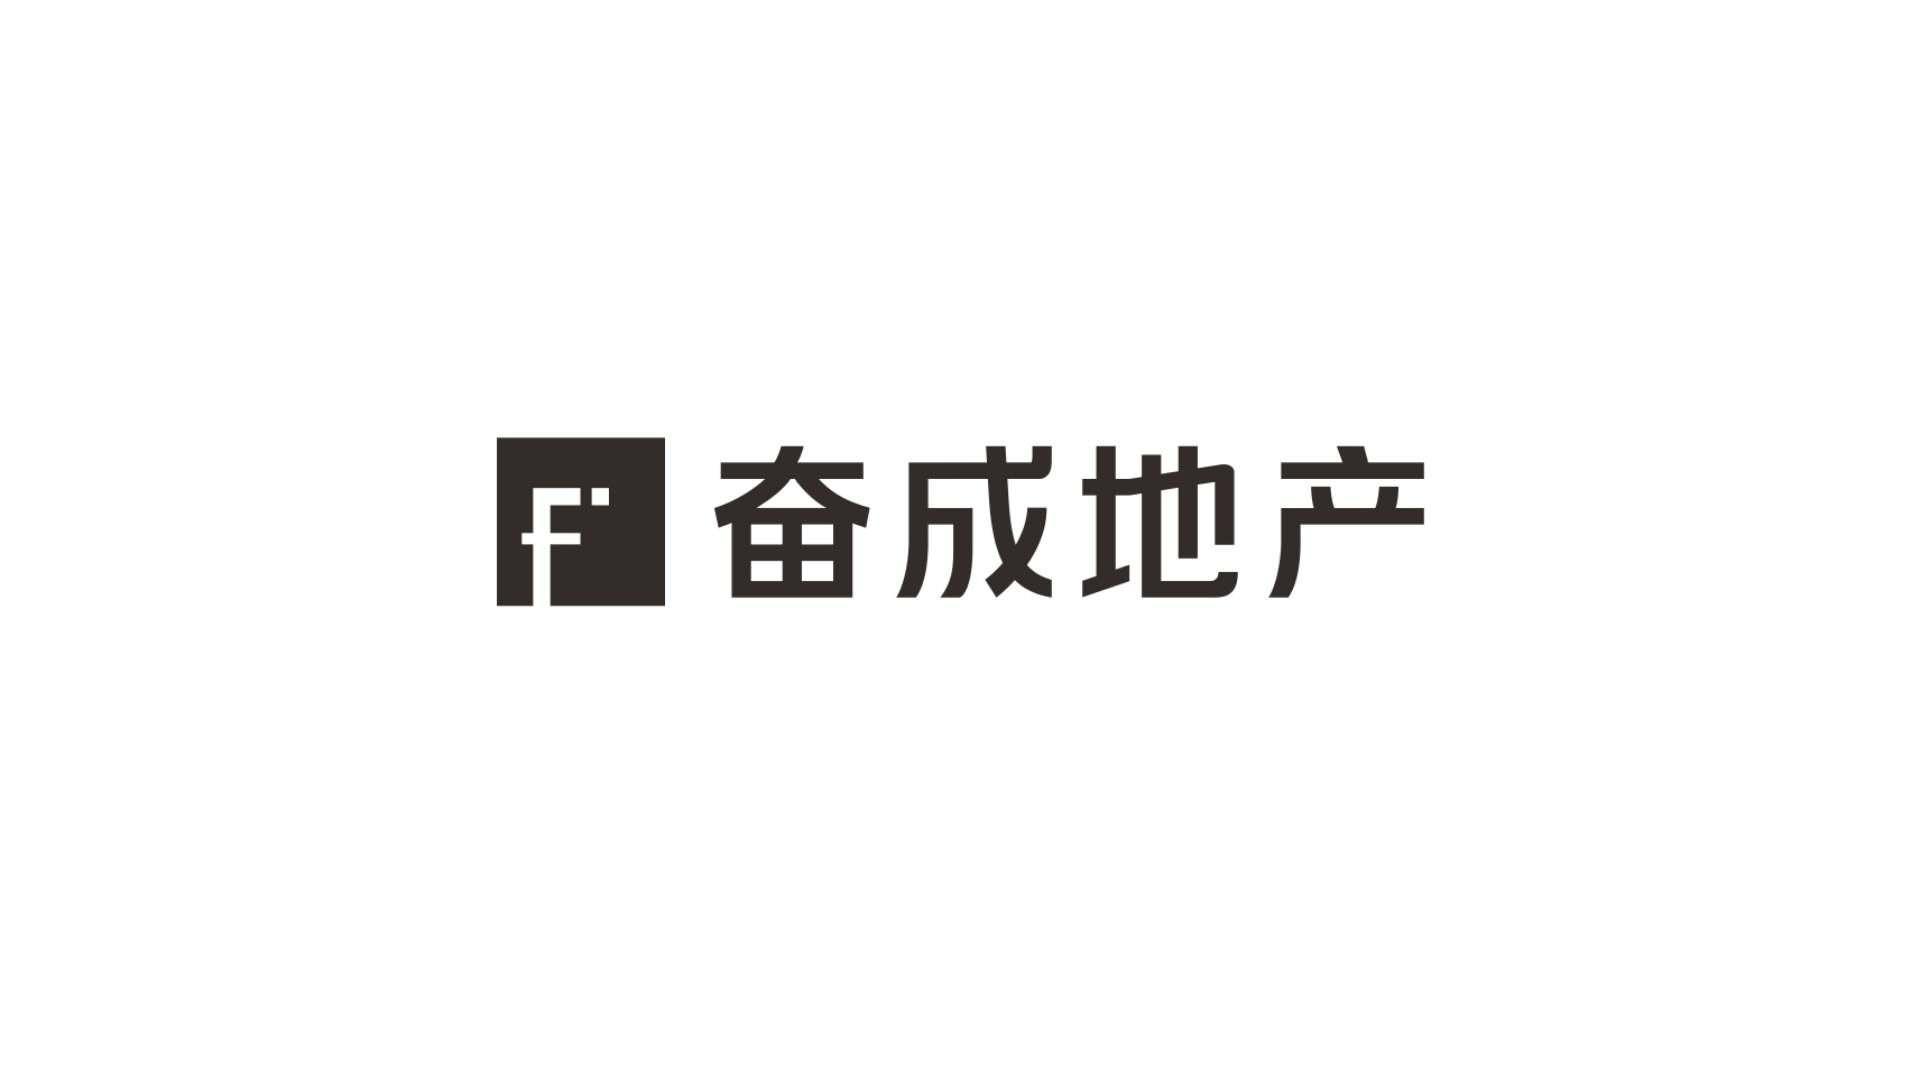 奋成地产 F 商标公告